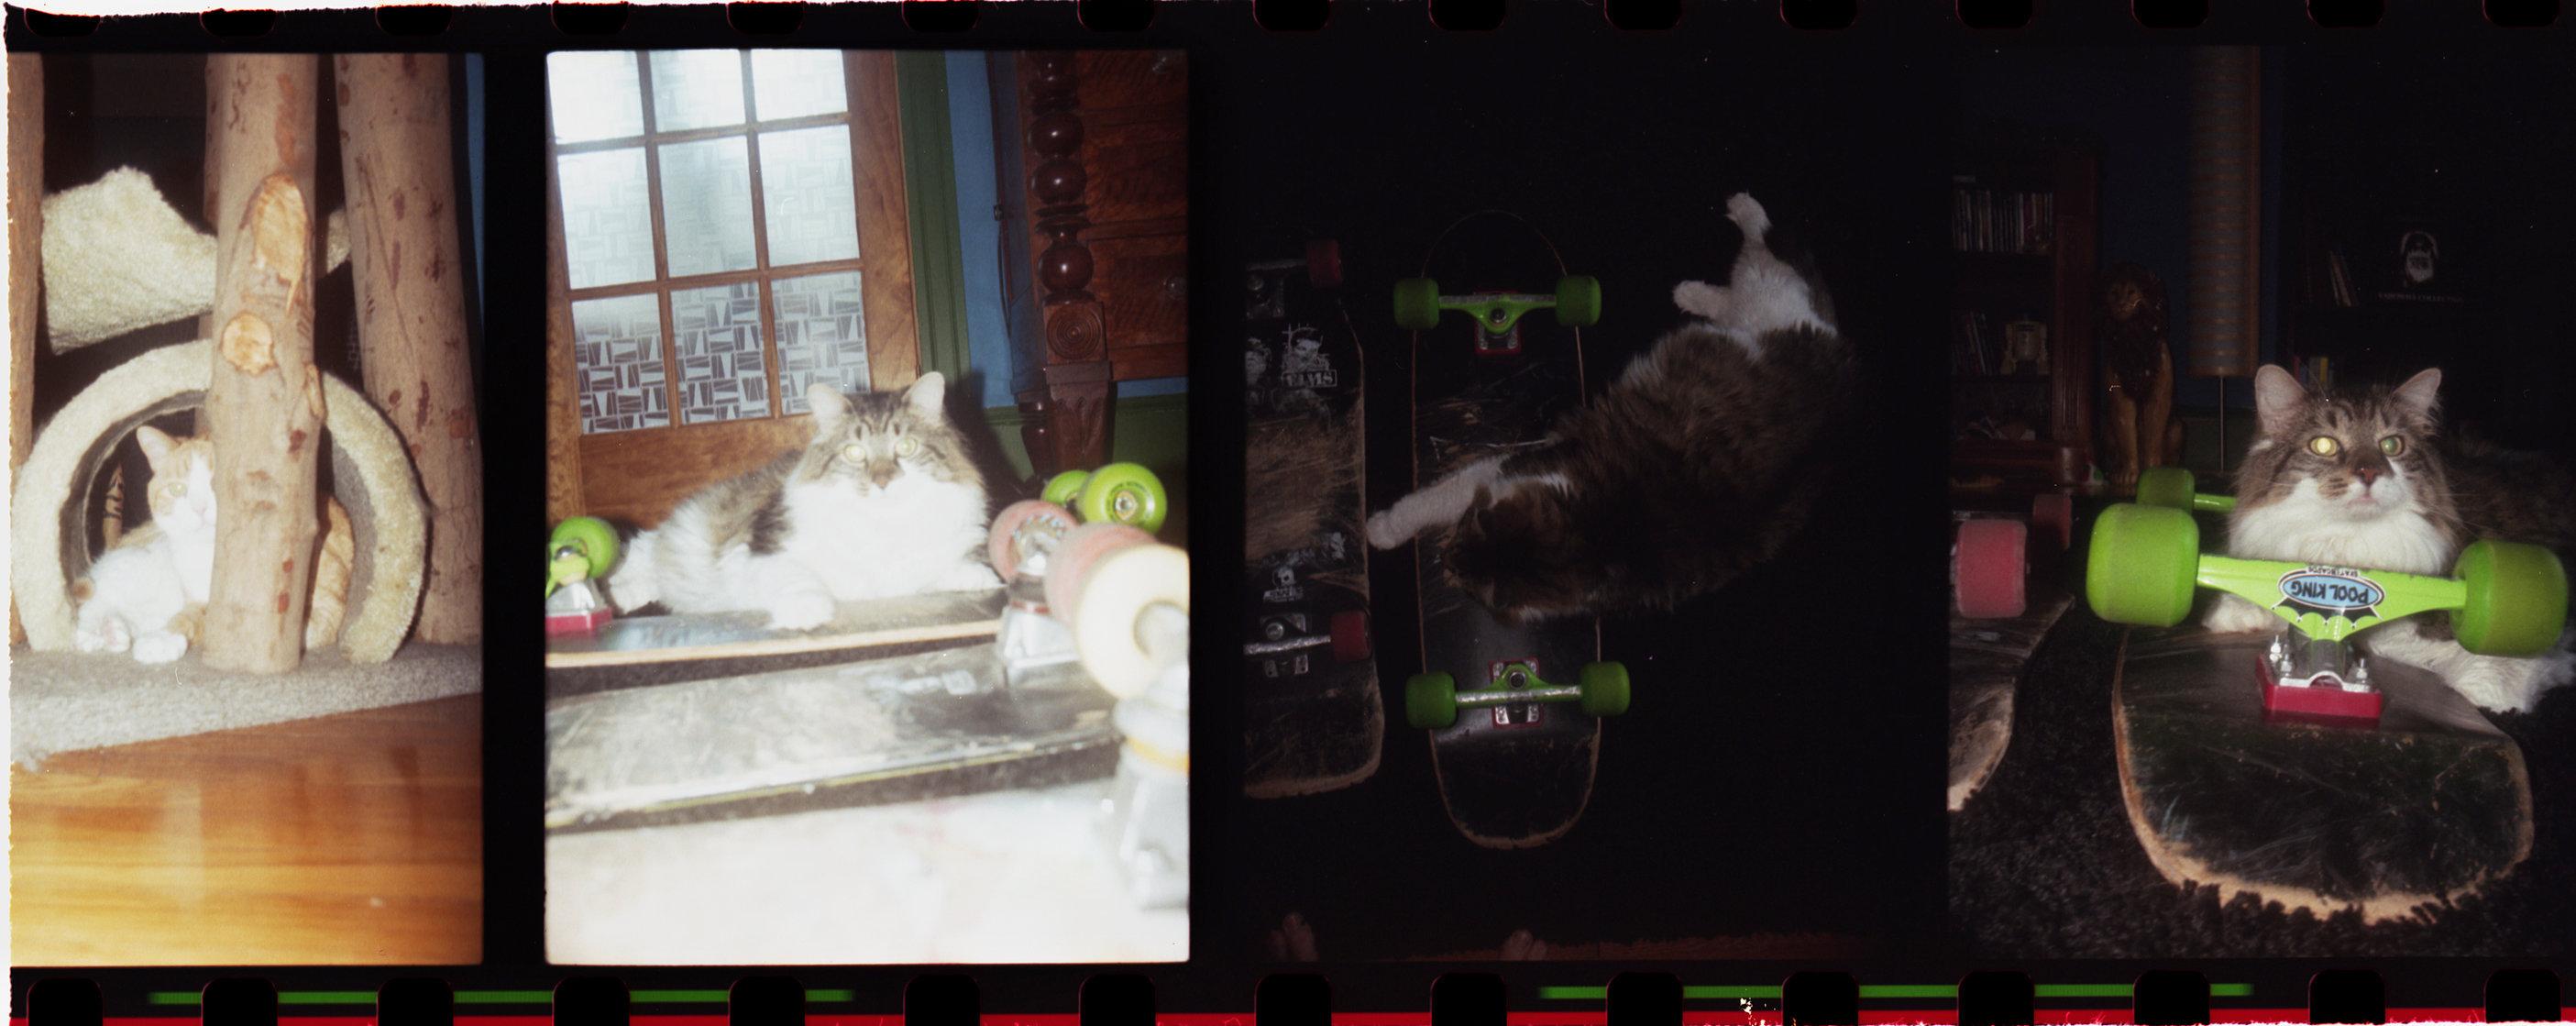 07catsFLATSHARP.jpg